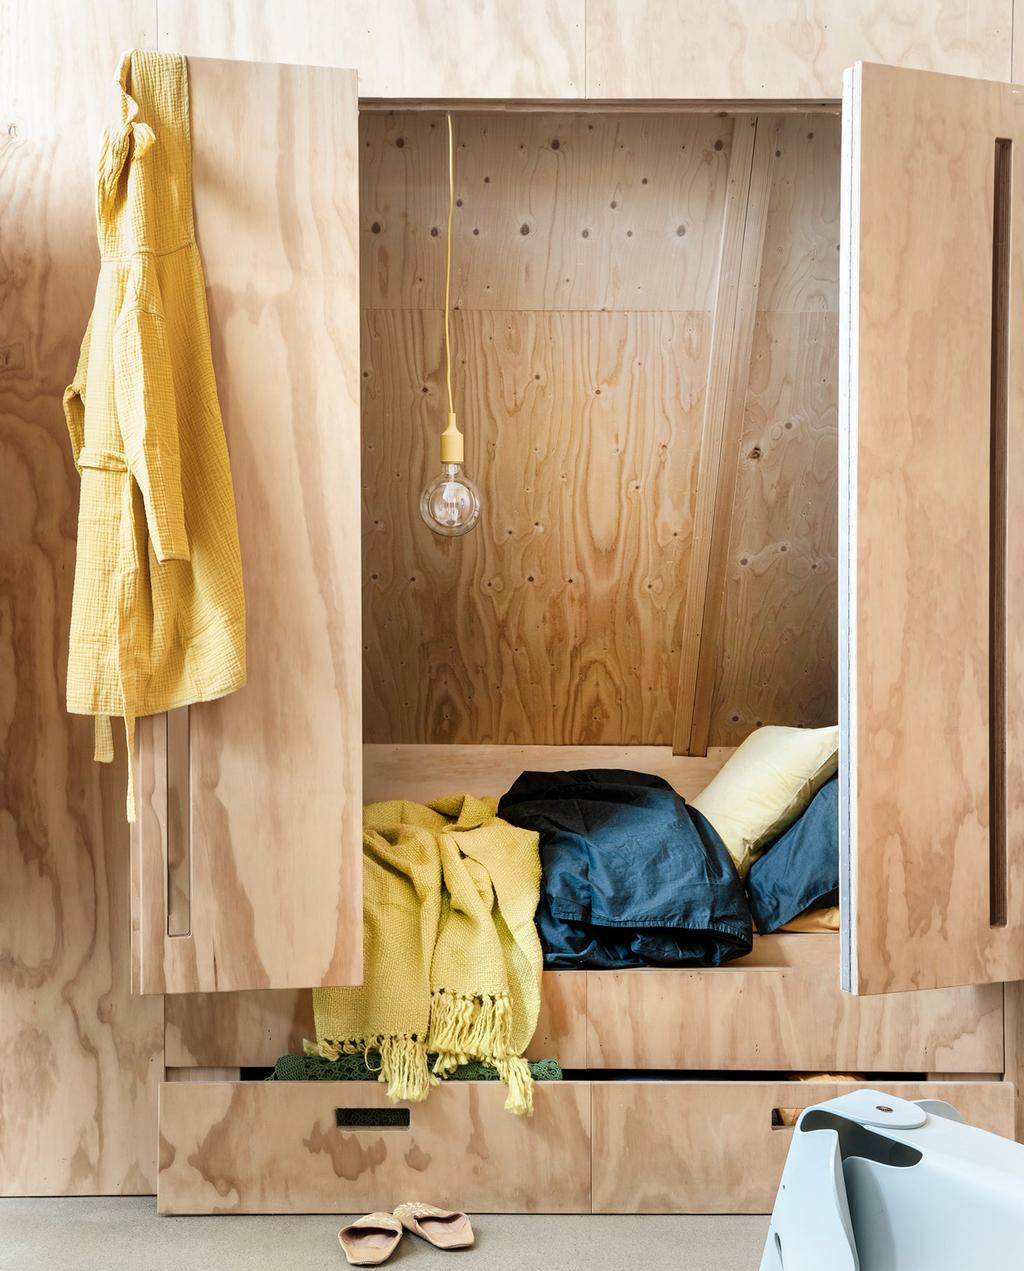 vtwonen 08-2019 | styling Moniek Visser, fotografie Peggy Janssen | klein wonen - kleine slaapkamer